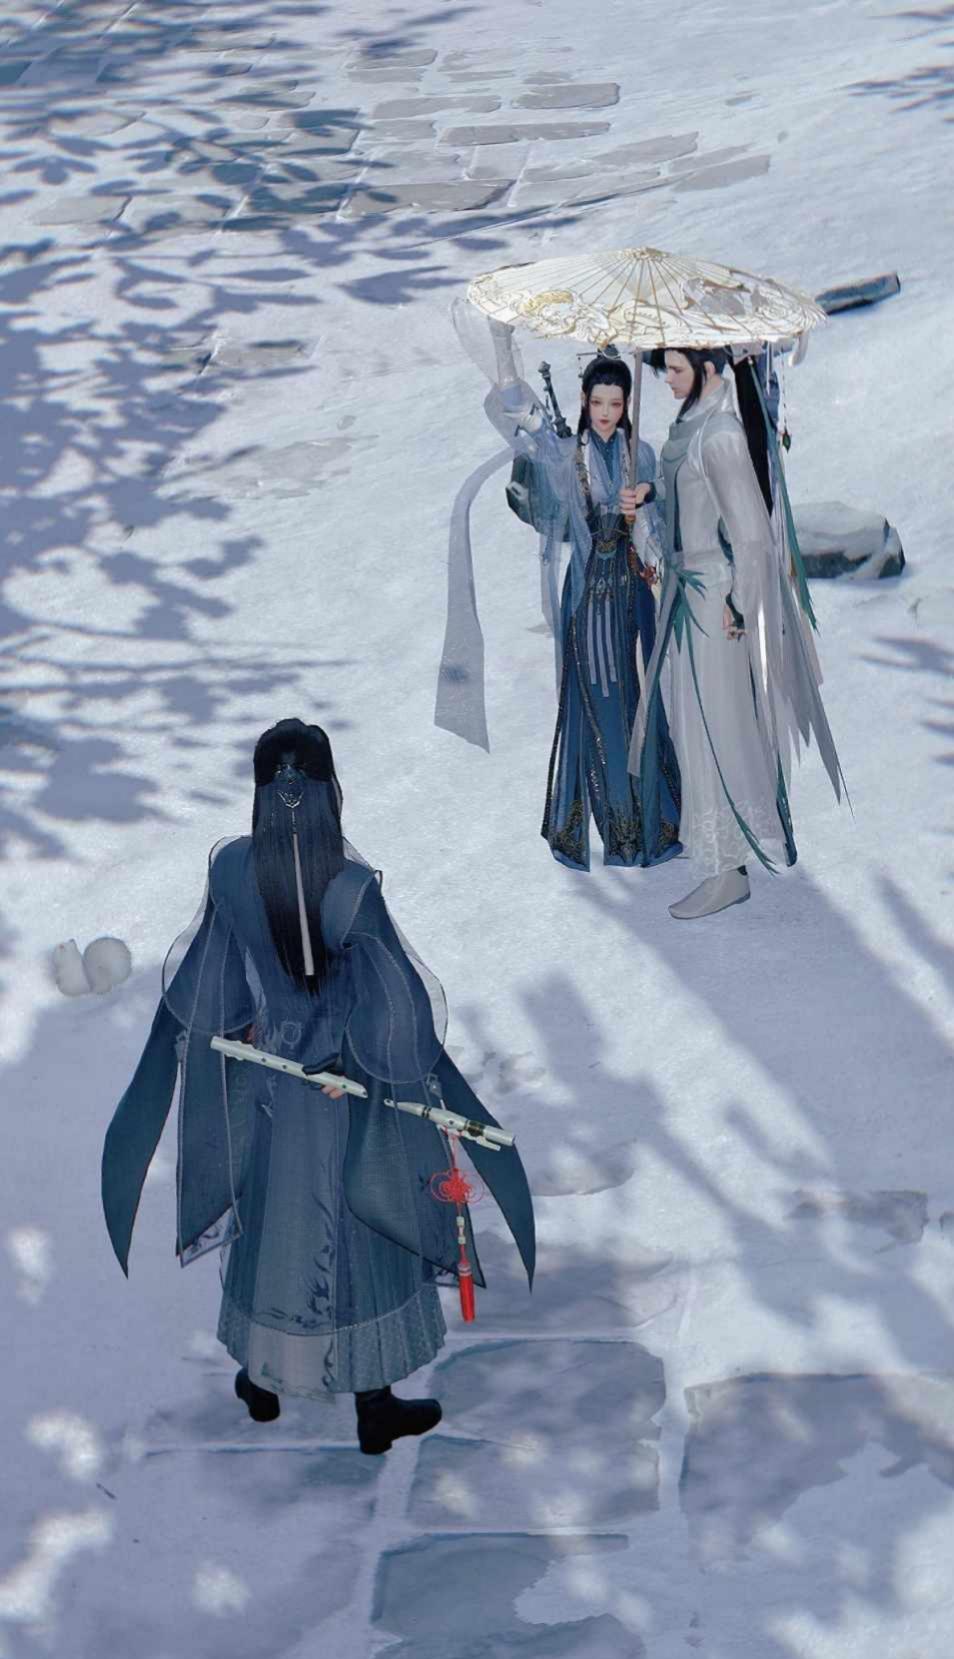 为什么剑三剧情有这么多意难平?普通人的江湖,更让玩家有代入感